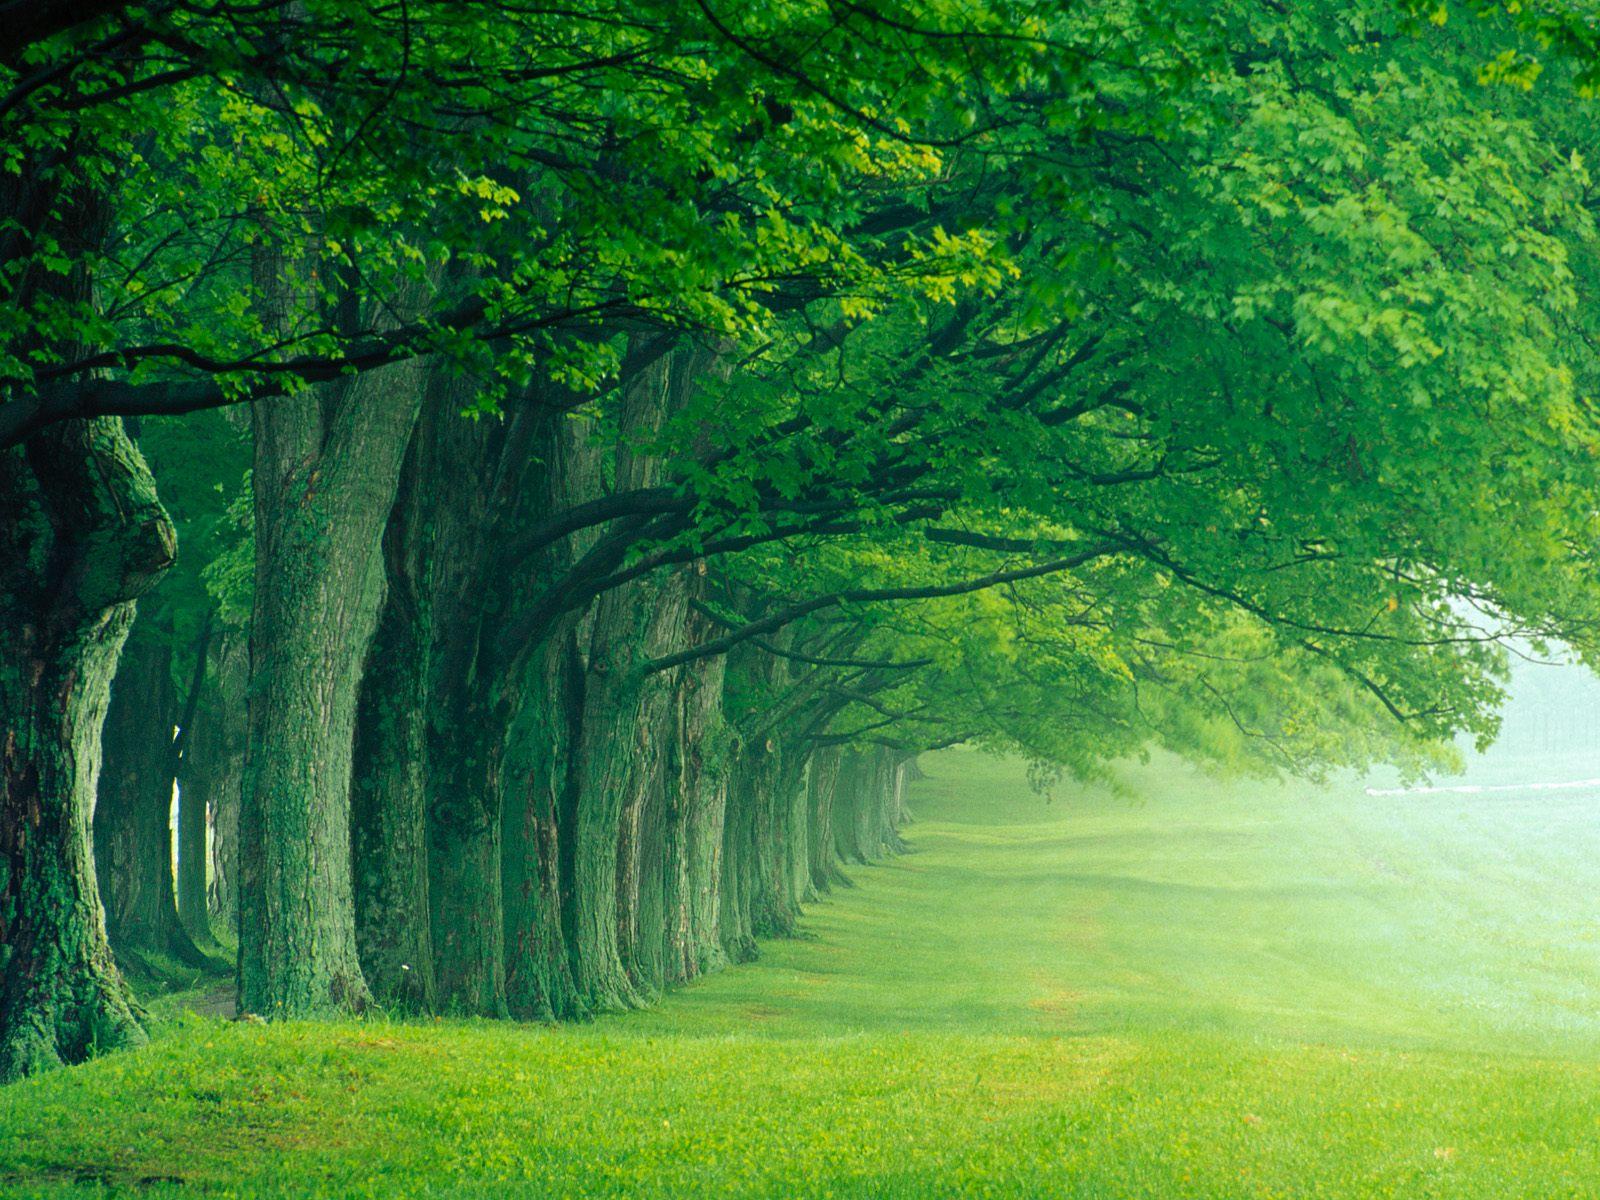 並木 壁紙 - A Row of Trees WALLPAPER